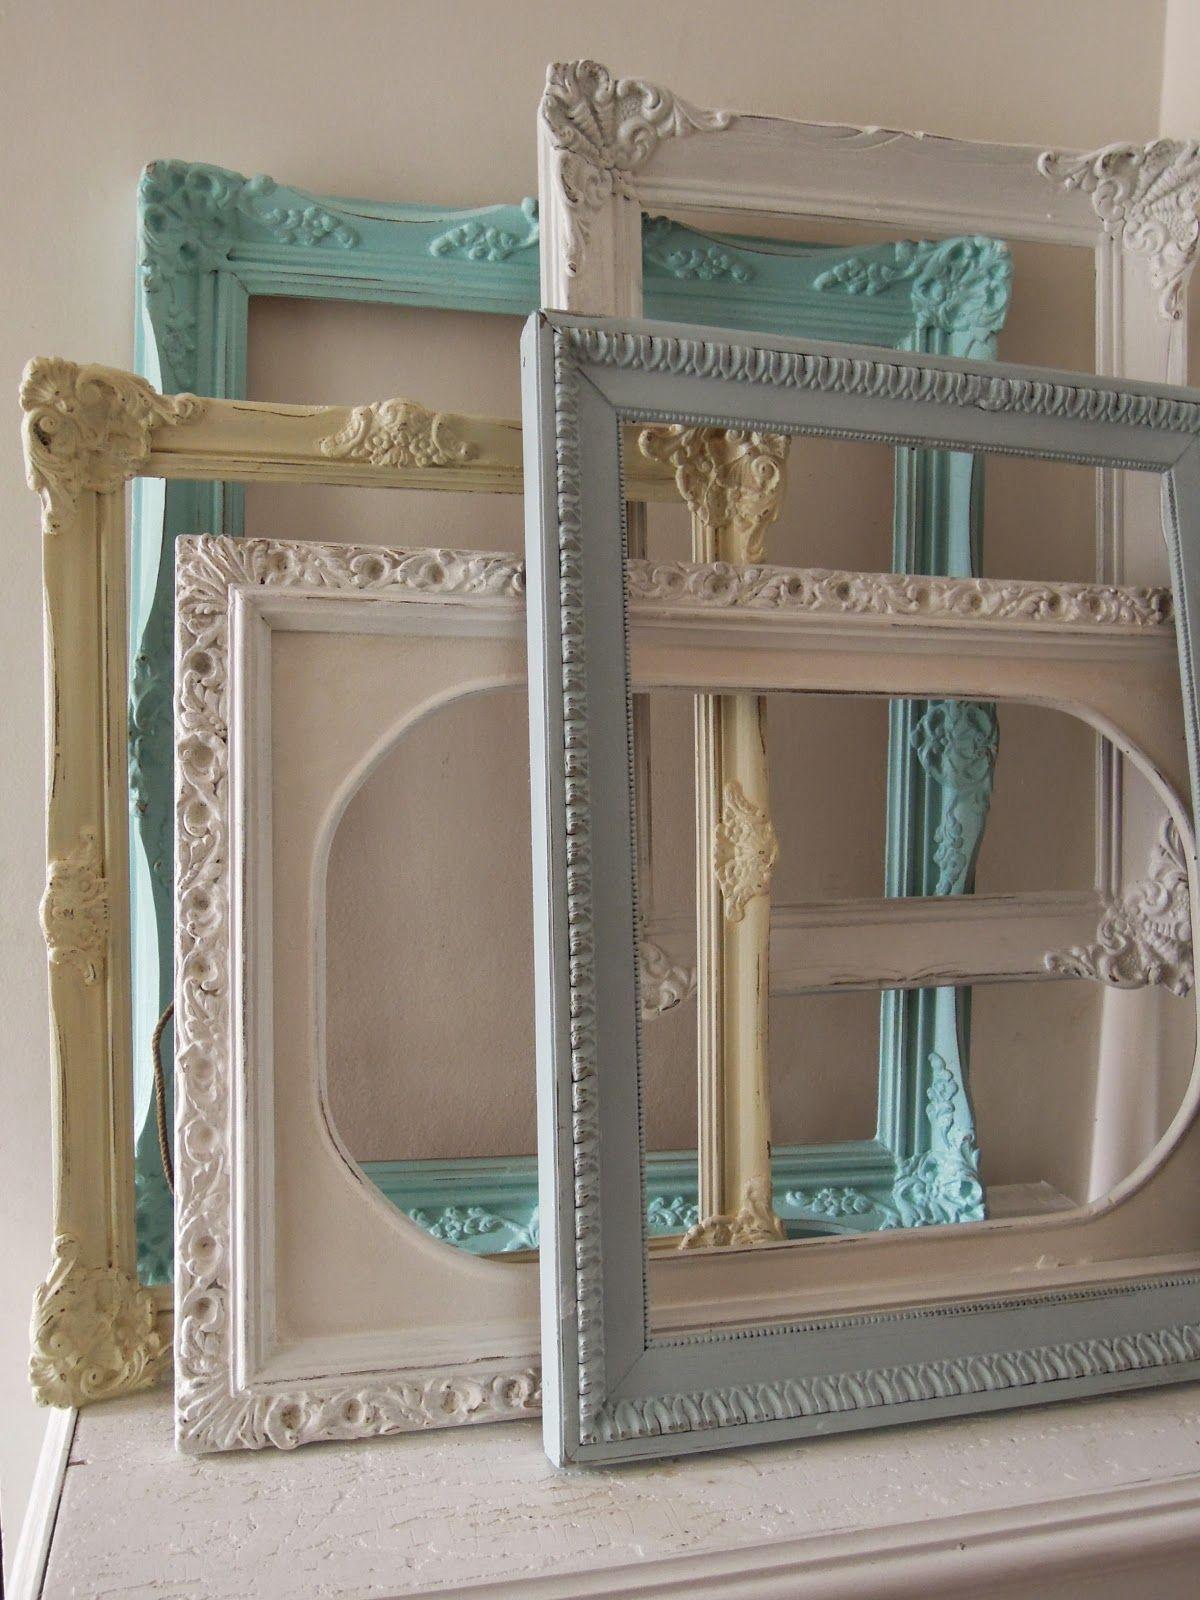 Mc vintage tienda mas marcos antiguos proyectos for Almacenes decoracion bogota